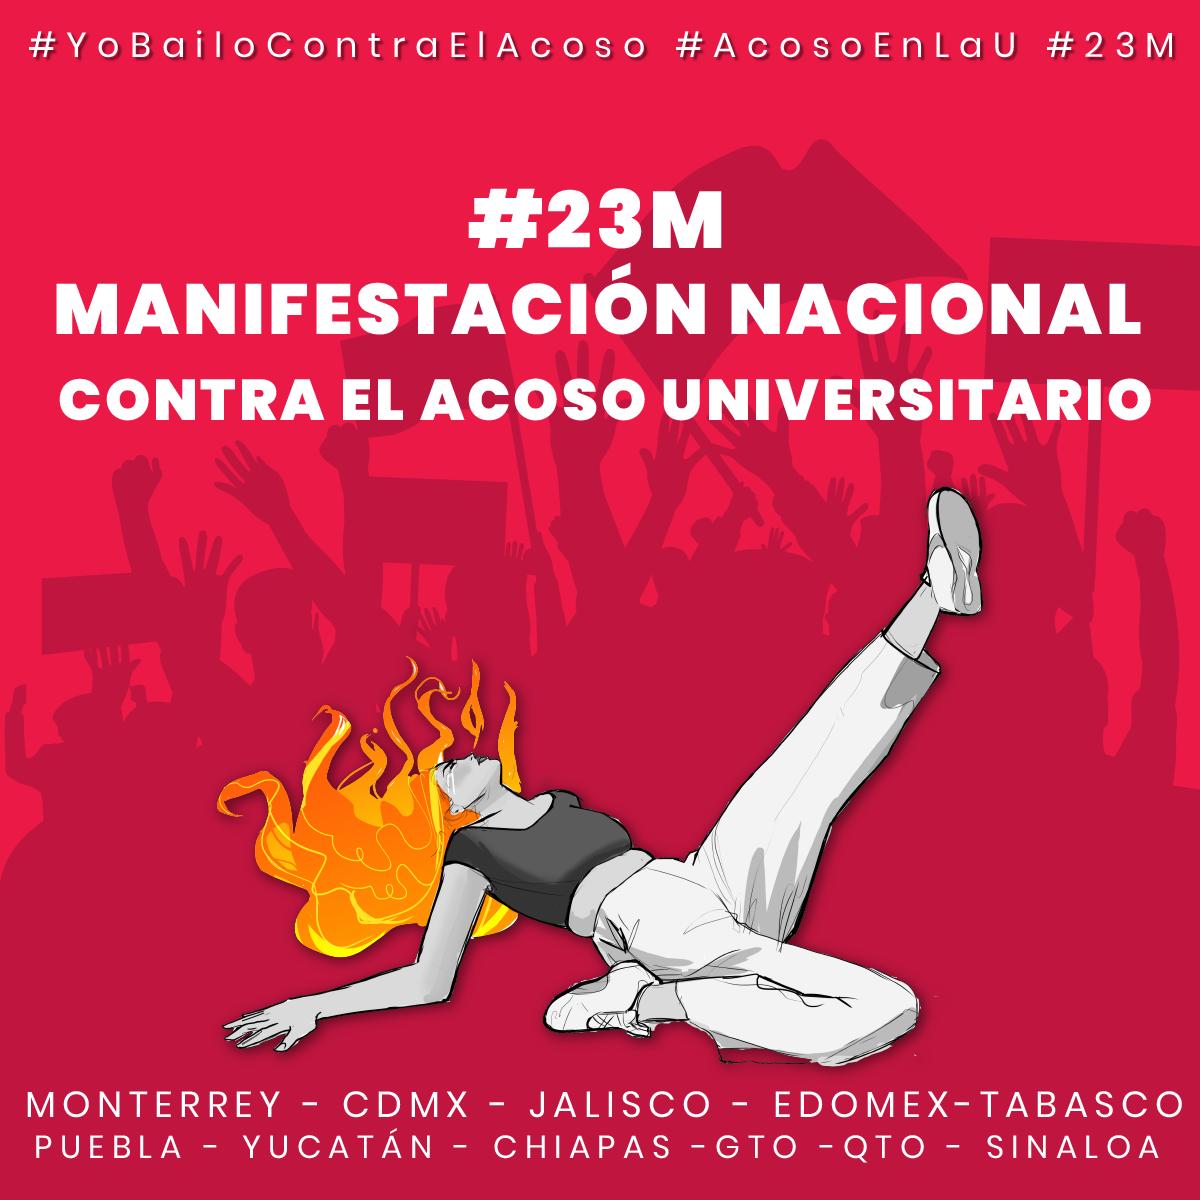 23M-AcosoEnLaU-Manifestacion-Nacional-Contra-El-Acoso